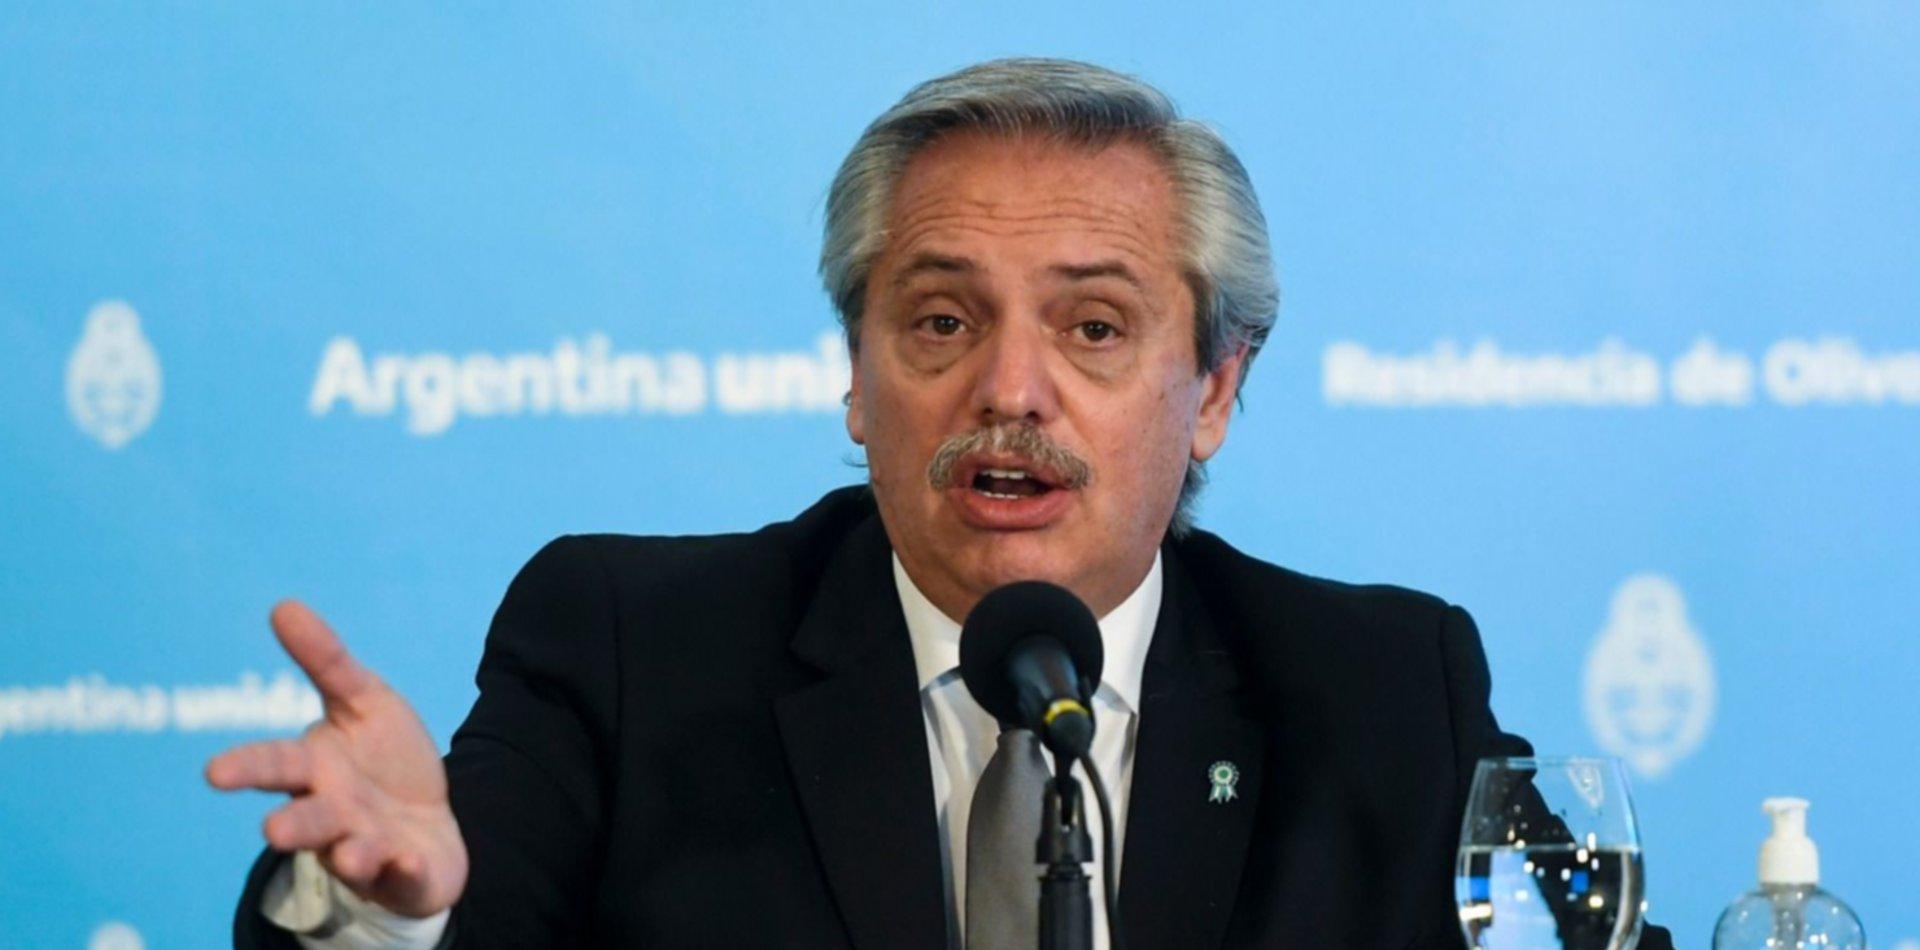 Alberto Fernández anunció que Argentina producirá una vacuna contra el coronavirus